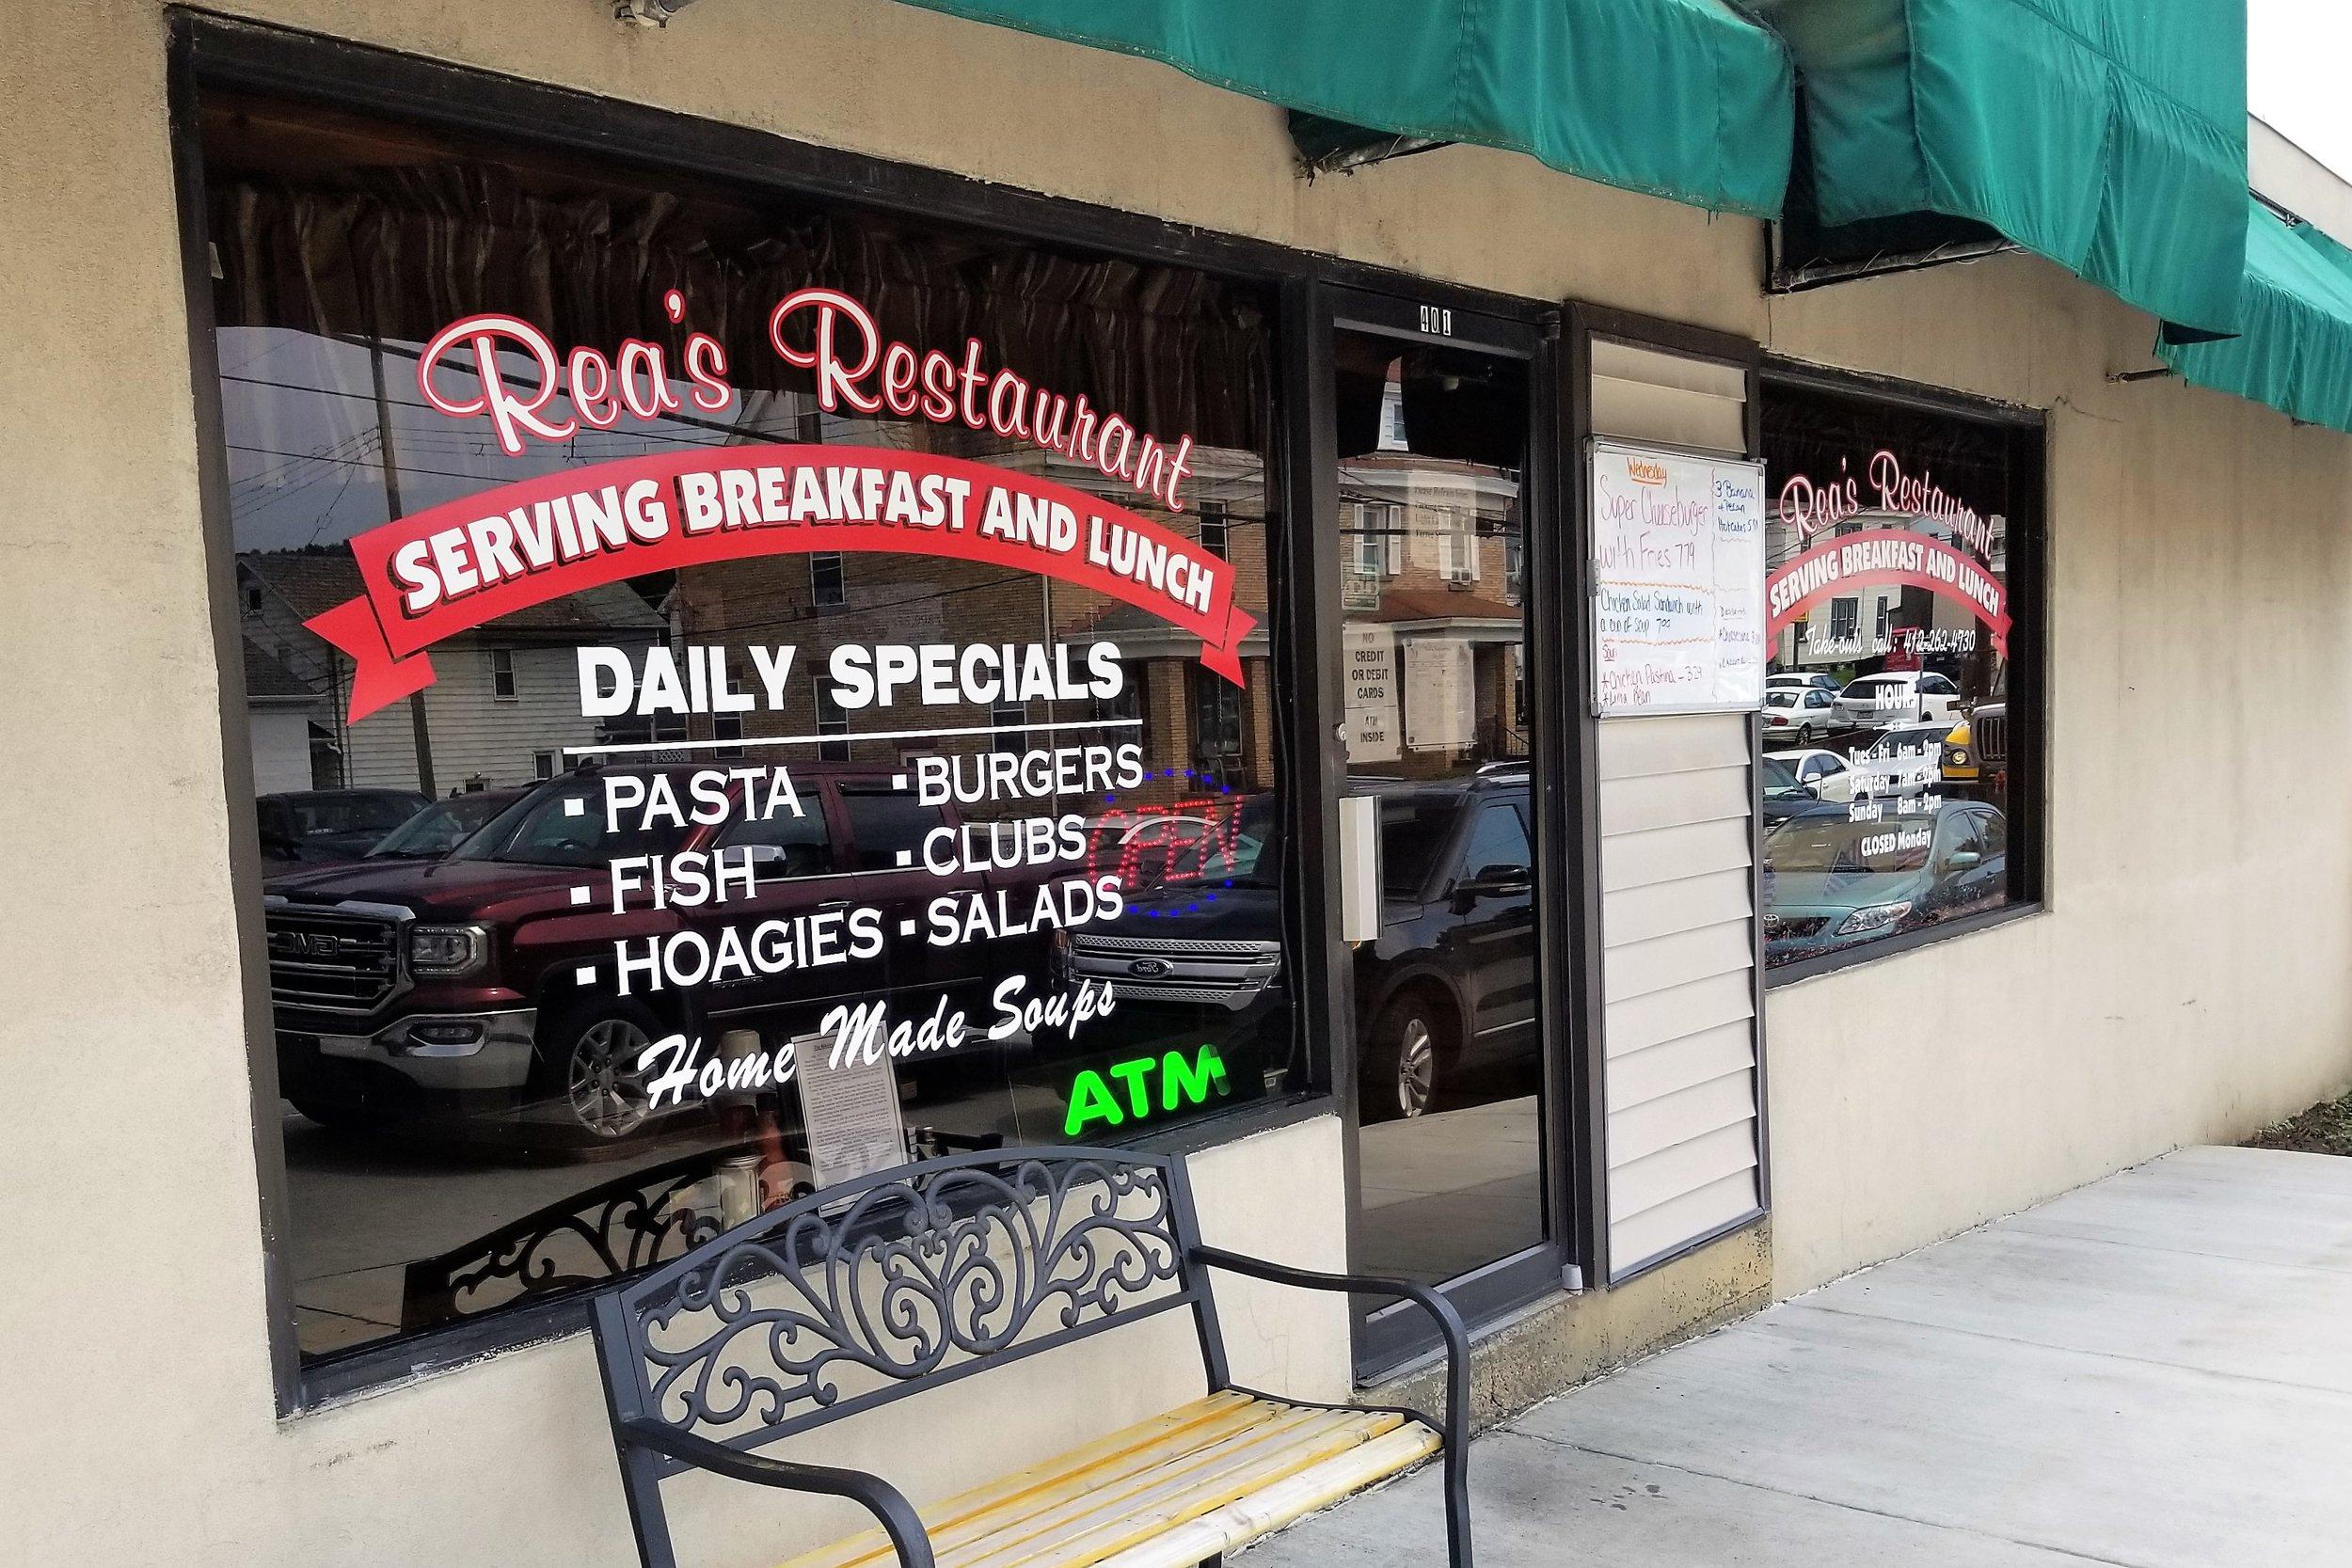 Rea's Restaurant - 401 Ferree St, (412) 262-4730